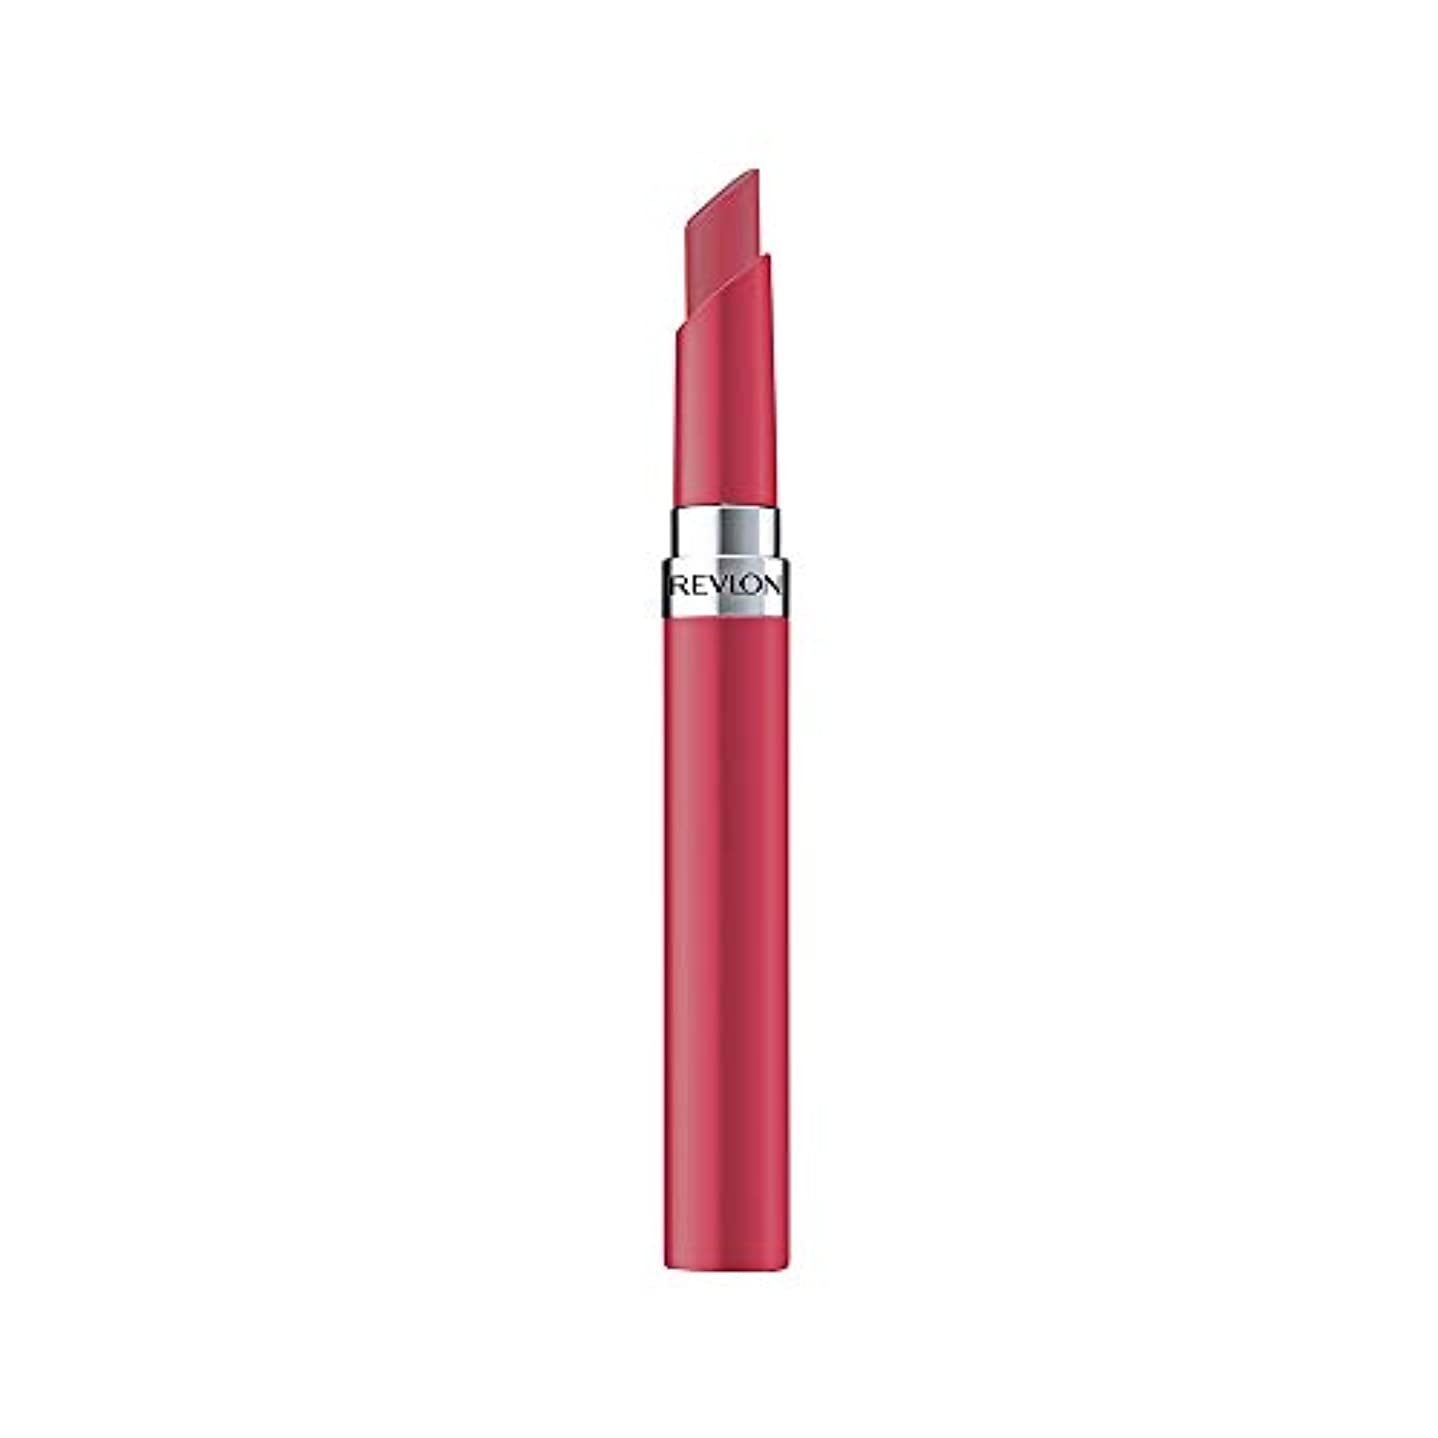 脇にクランシー硬いレブロン ウルトラ HD ジェル リップカラー 775 HDチリ(カラーイメージ:カシスレッド) 口紅 1.7g